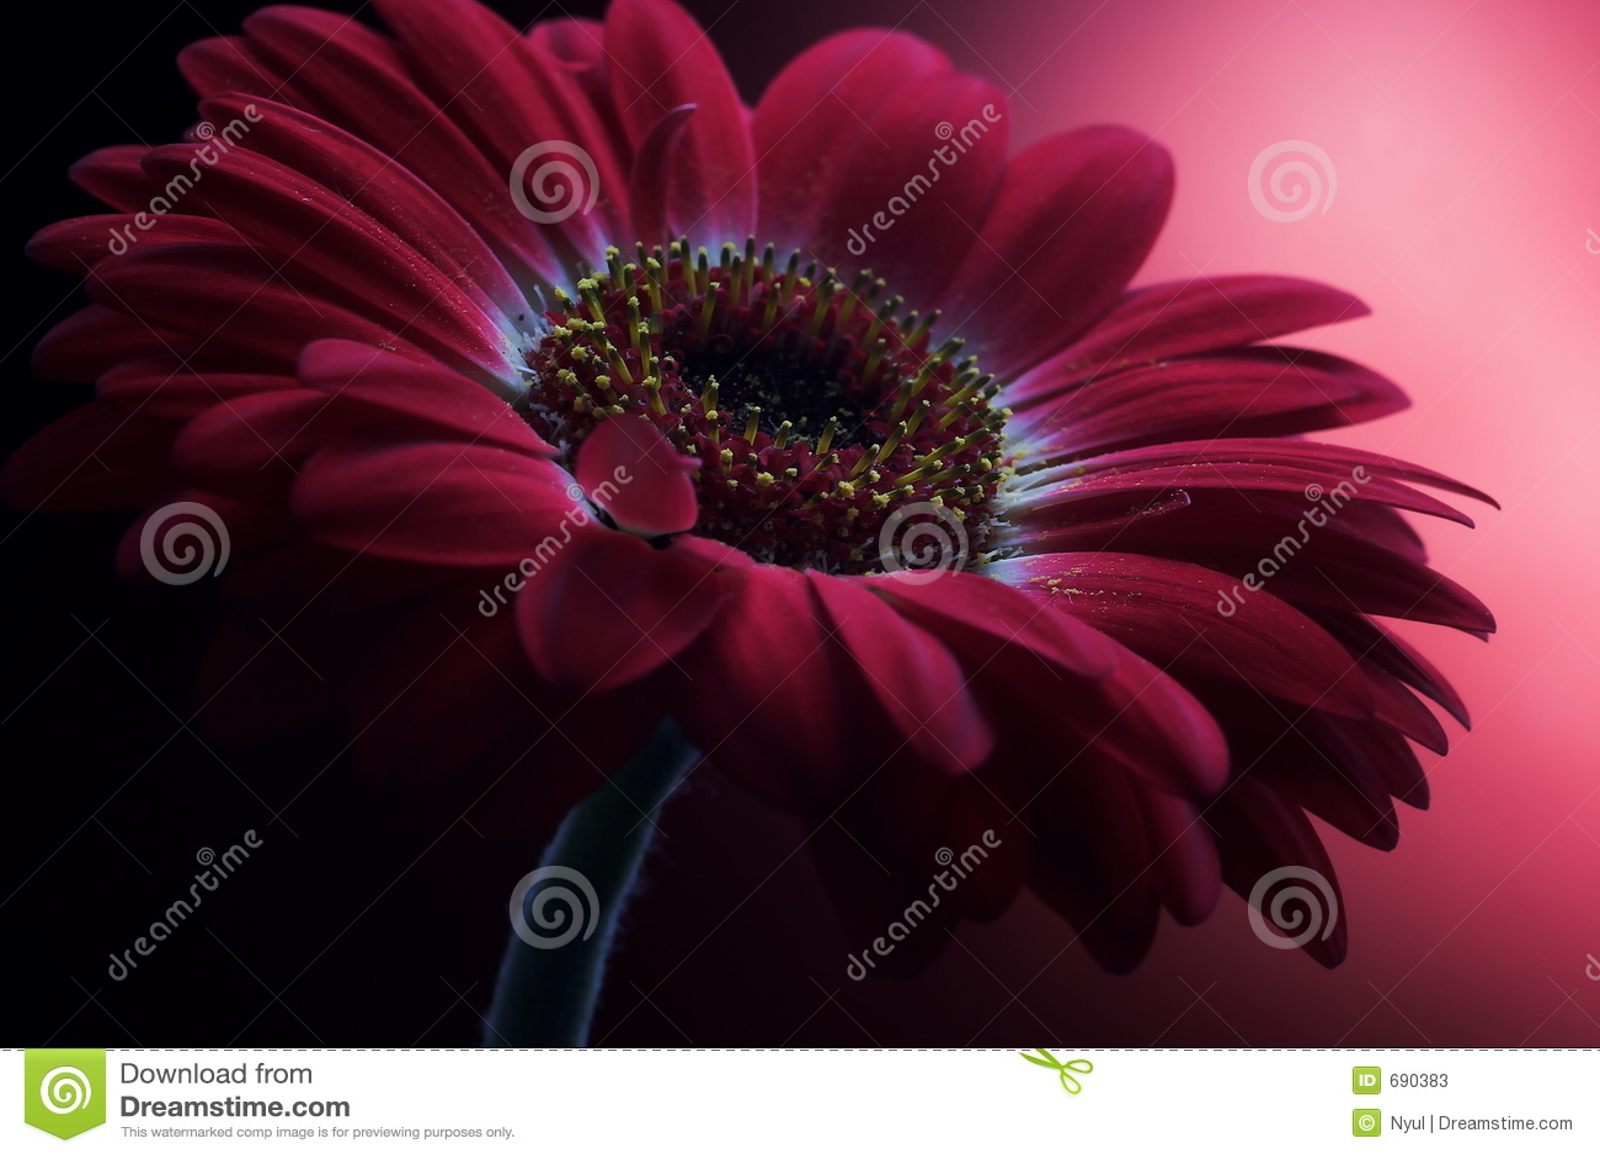 Mauve Flower Composition 1.